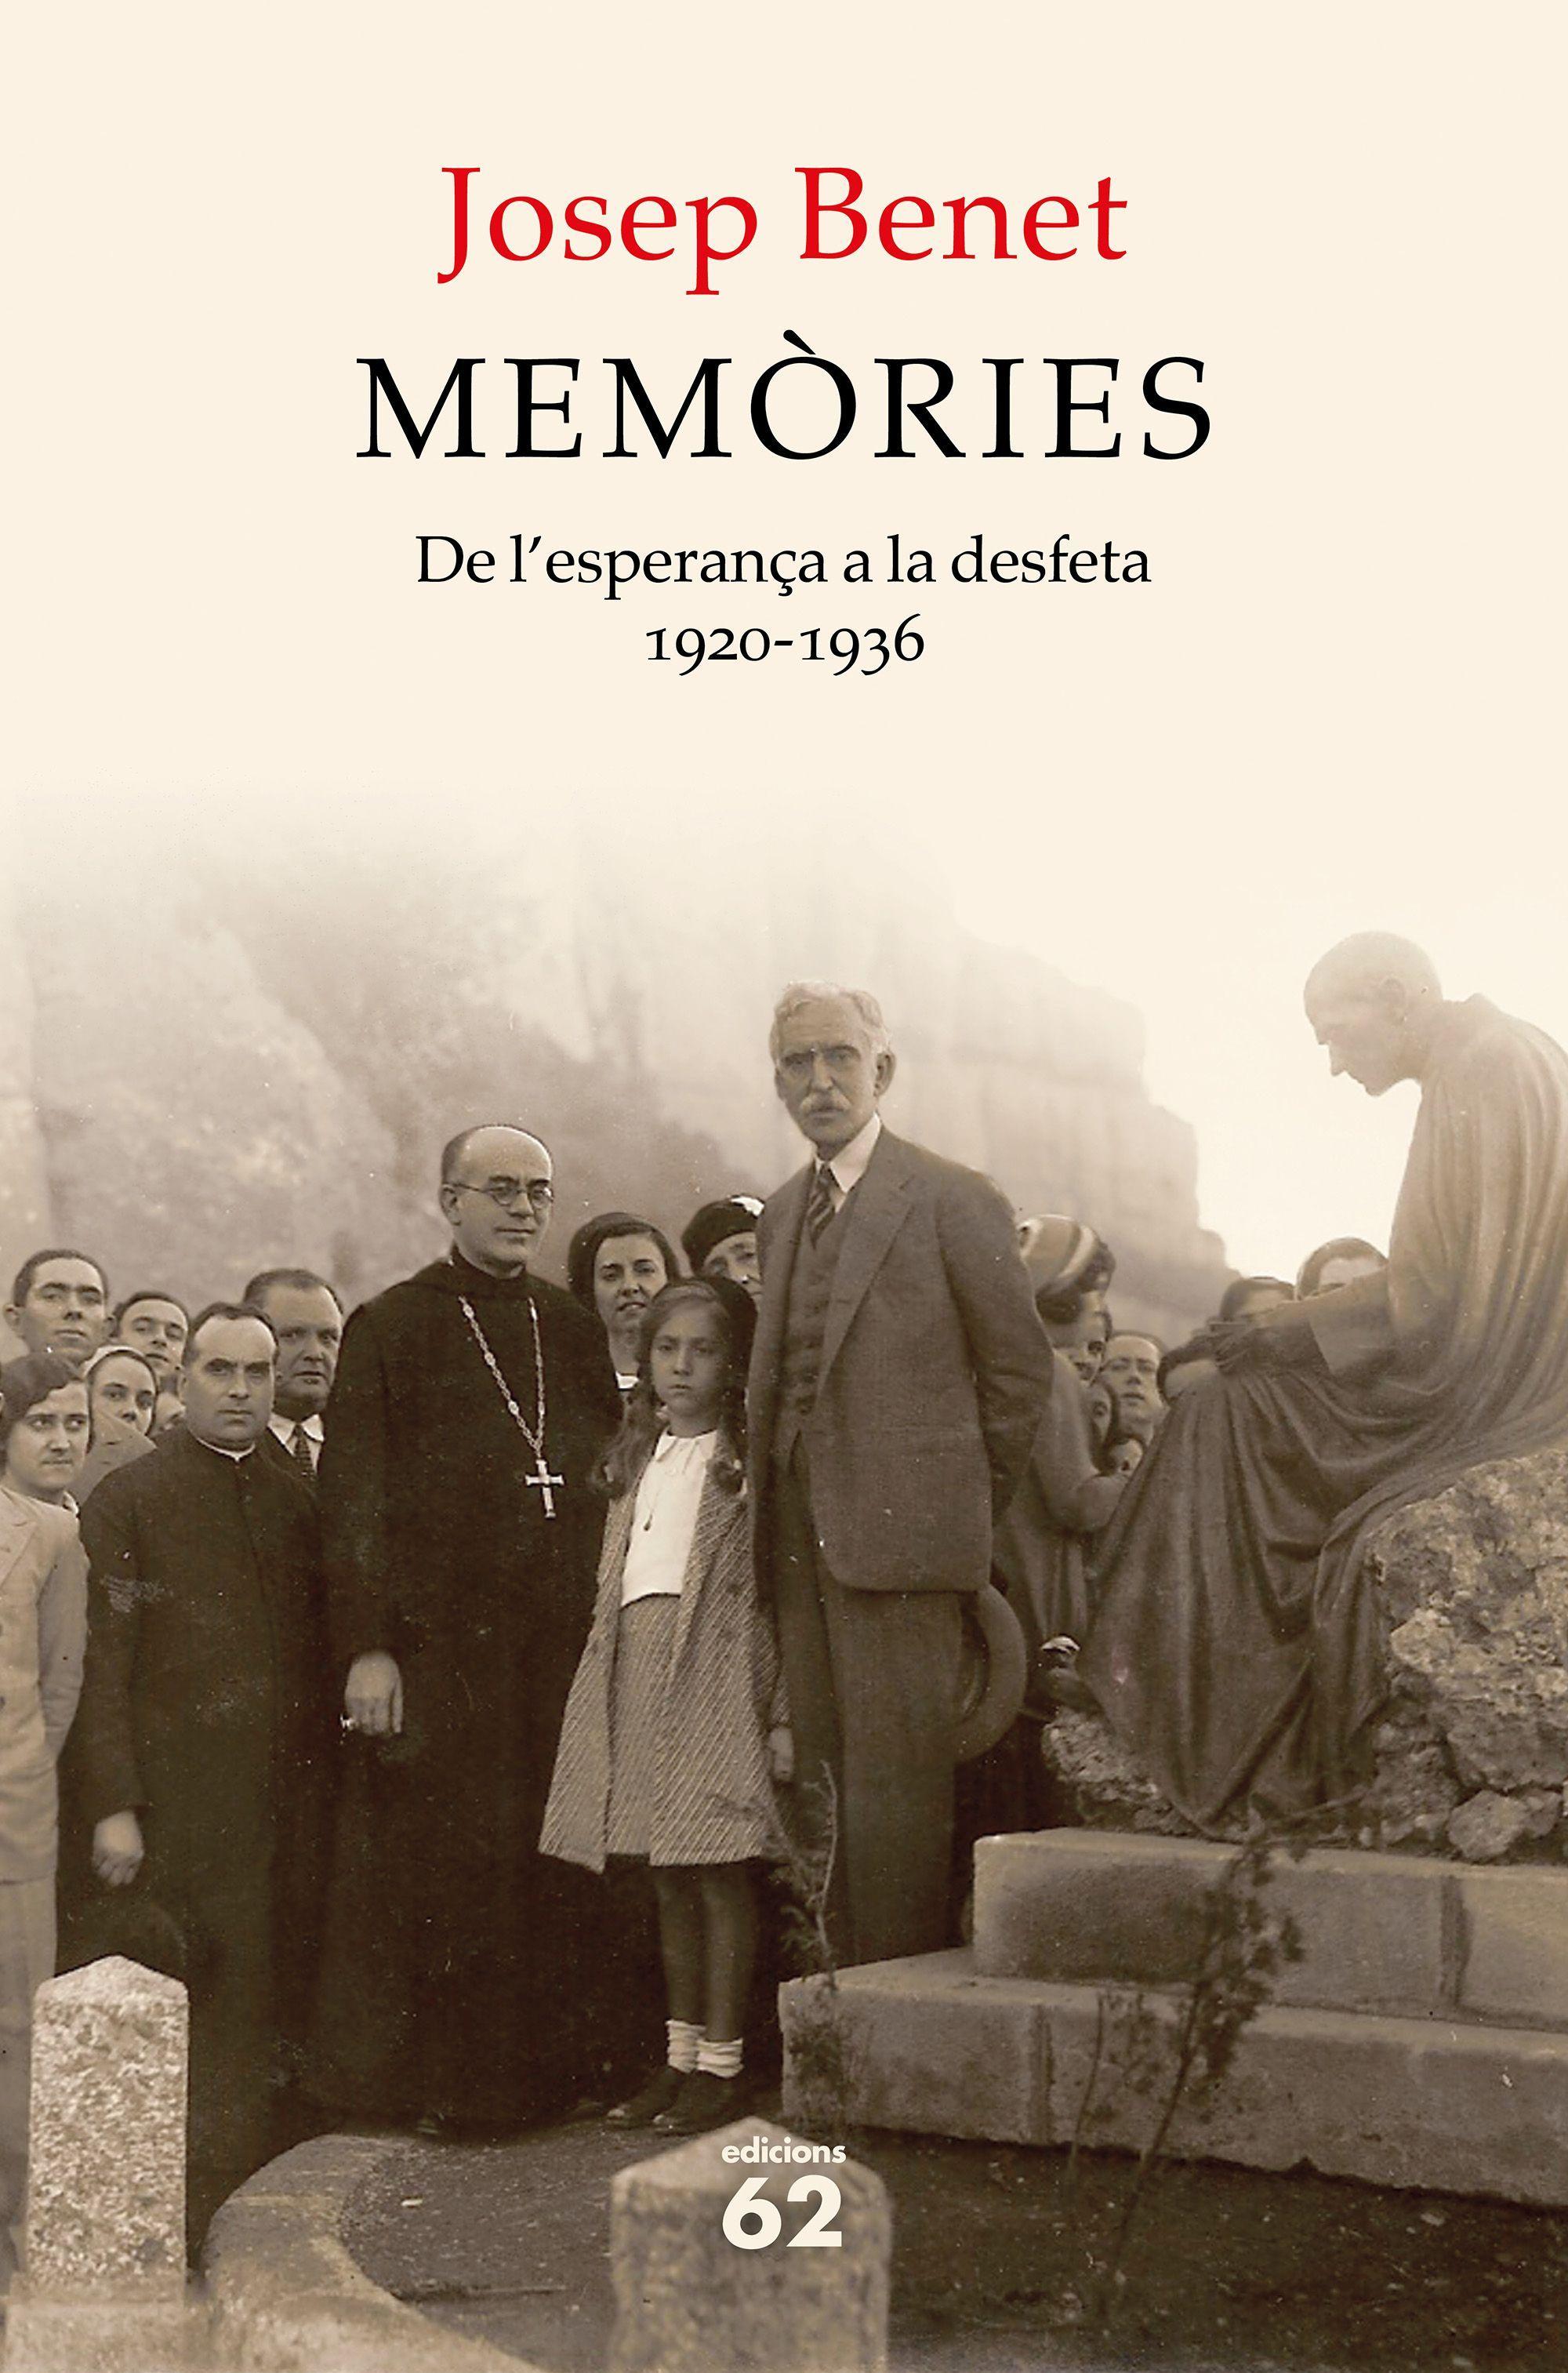 MEMÒRIES 1. DE L'ESPERANÇA A LA DESFETA 1920-1936